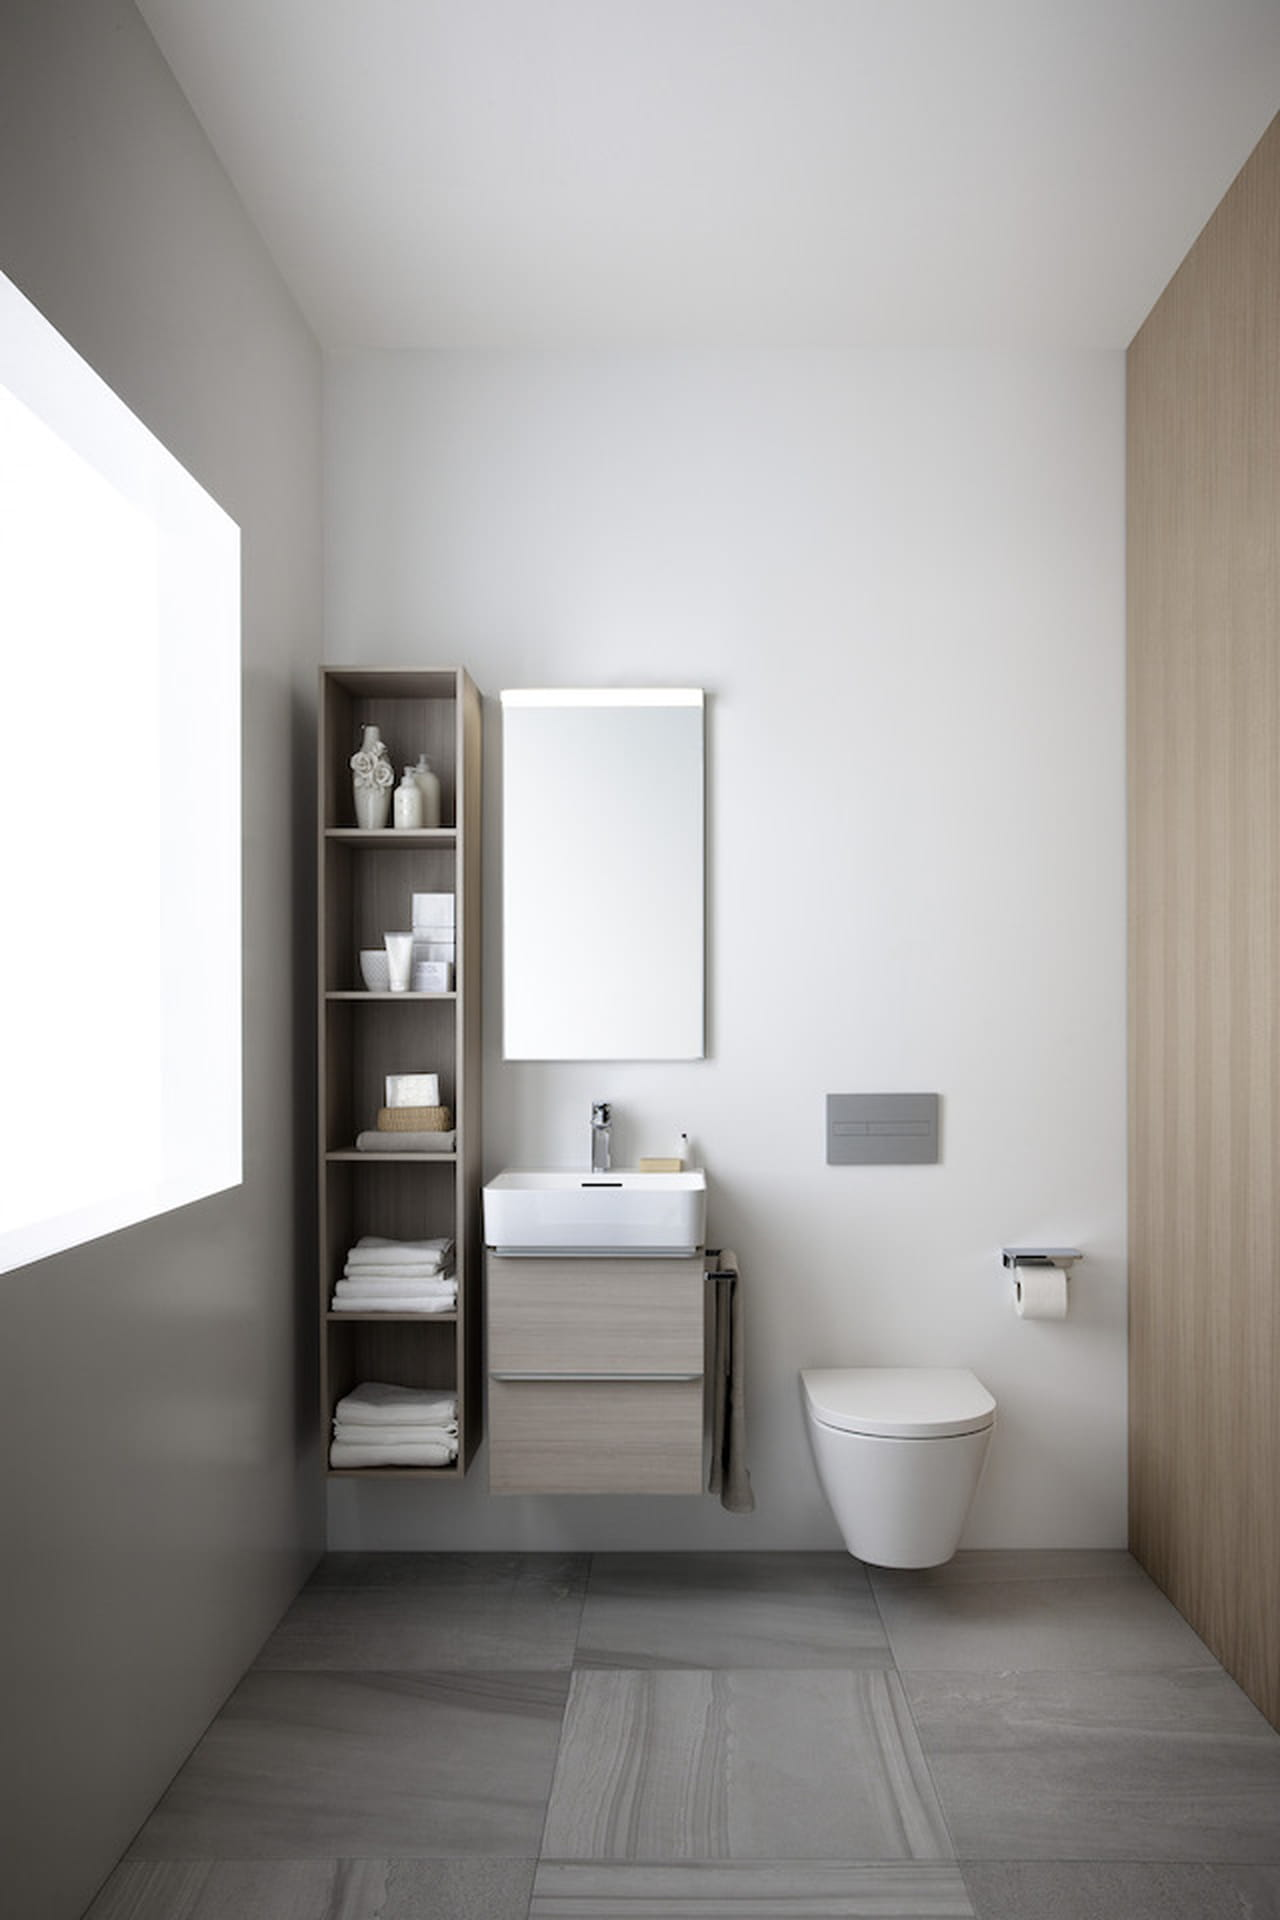 Bagni piccoli soluzioni compatte per arredarli for Mobiletti piccoli da bagno